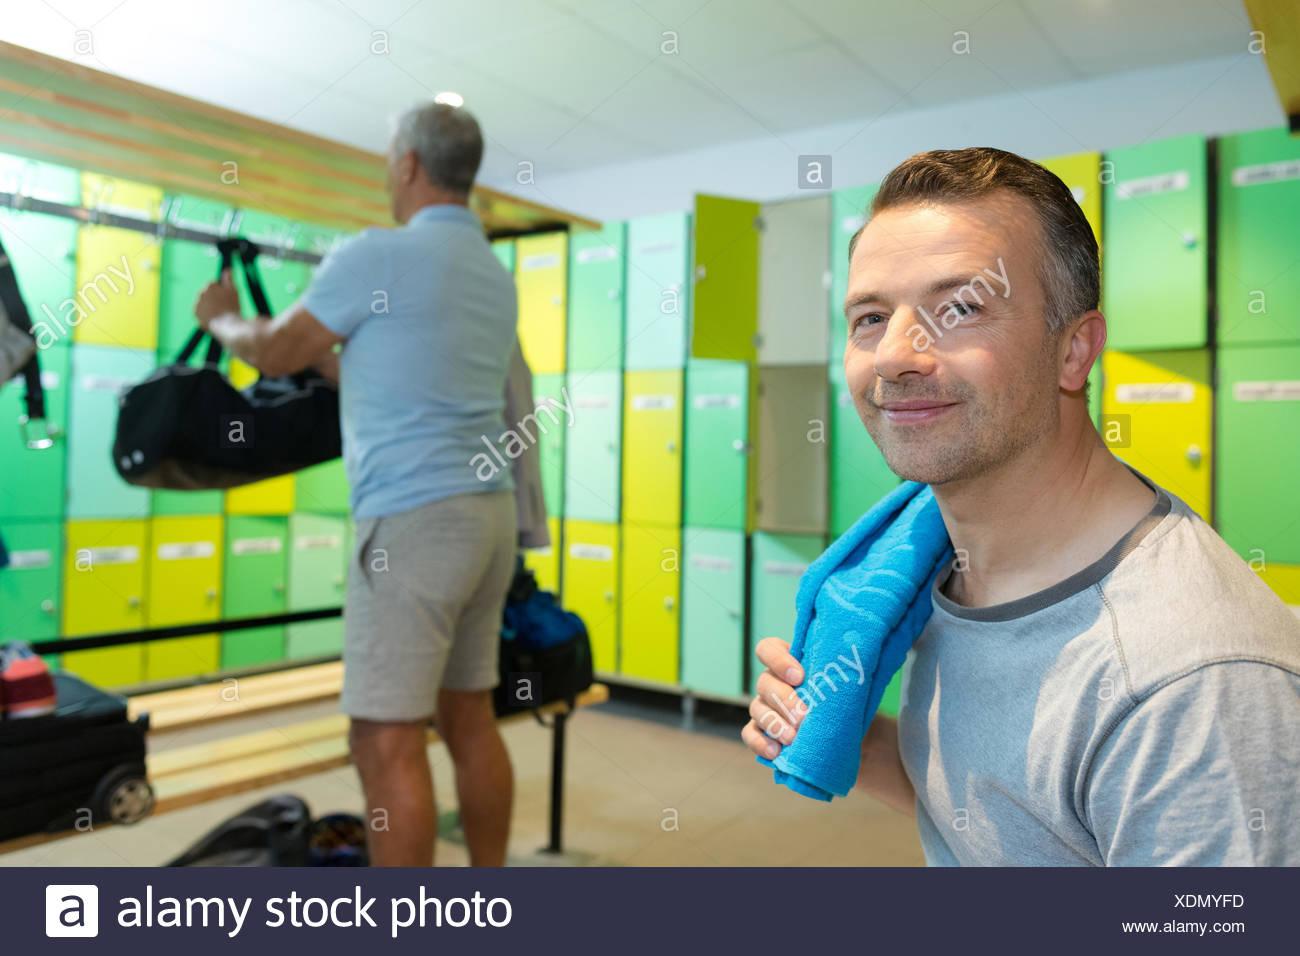 locker Mature room men